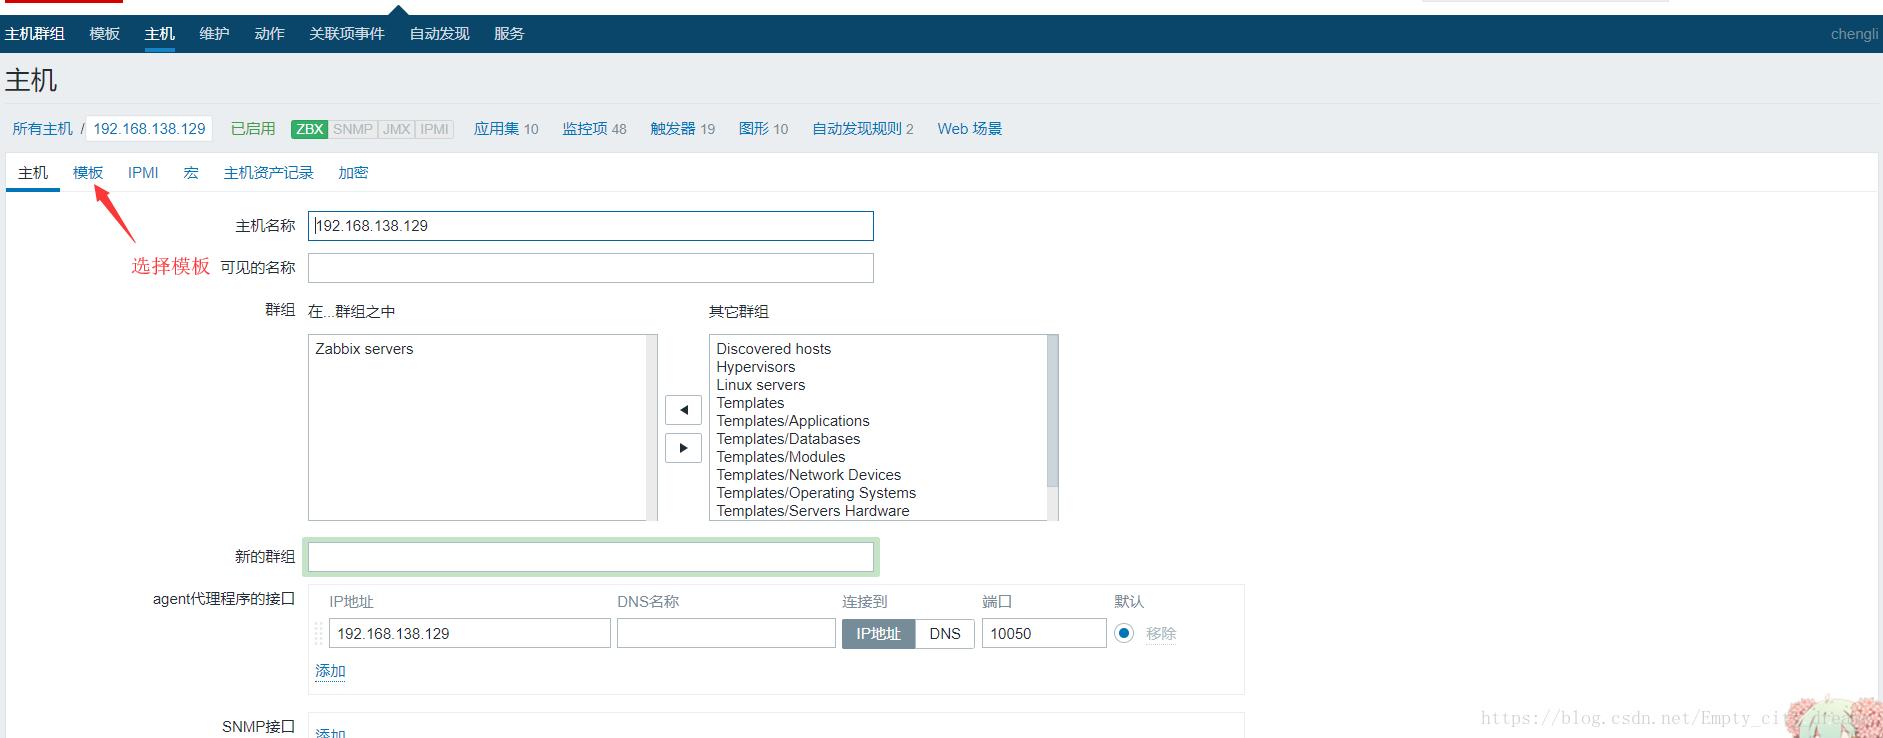 Zabbix - add monitoring items - Programmer Sought